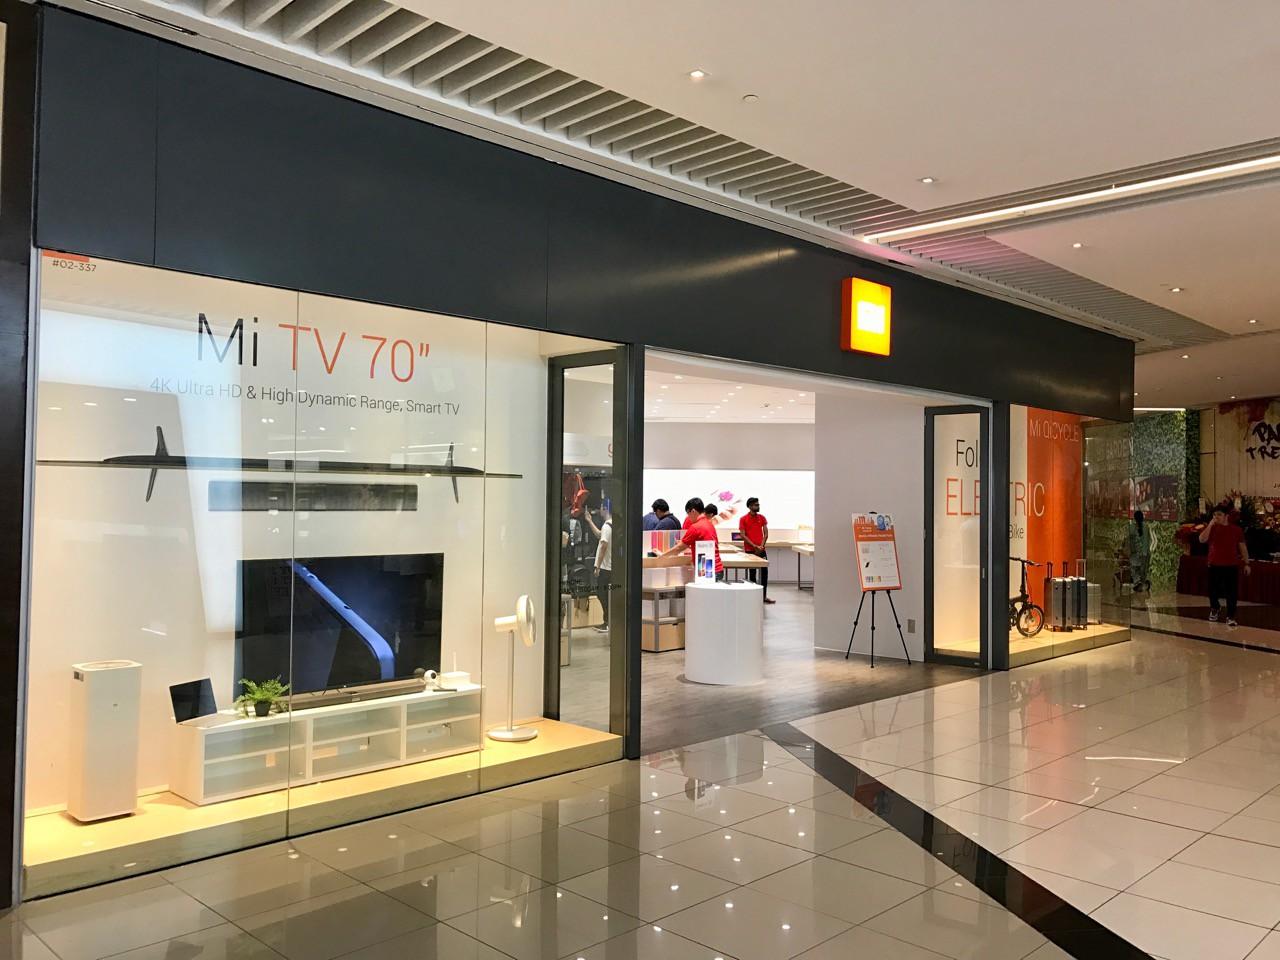 na slovensku vyrastie kamenn xiaomi obchod pred va v om bude telef ny aj pr slu enstvo. Black Bedroom Furniture Sets. Home Design Ideas